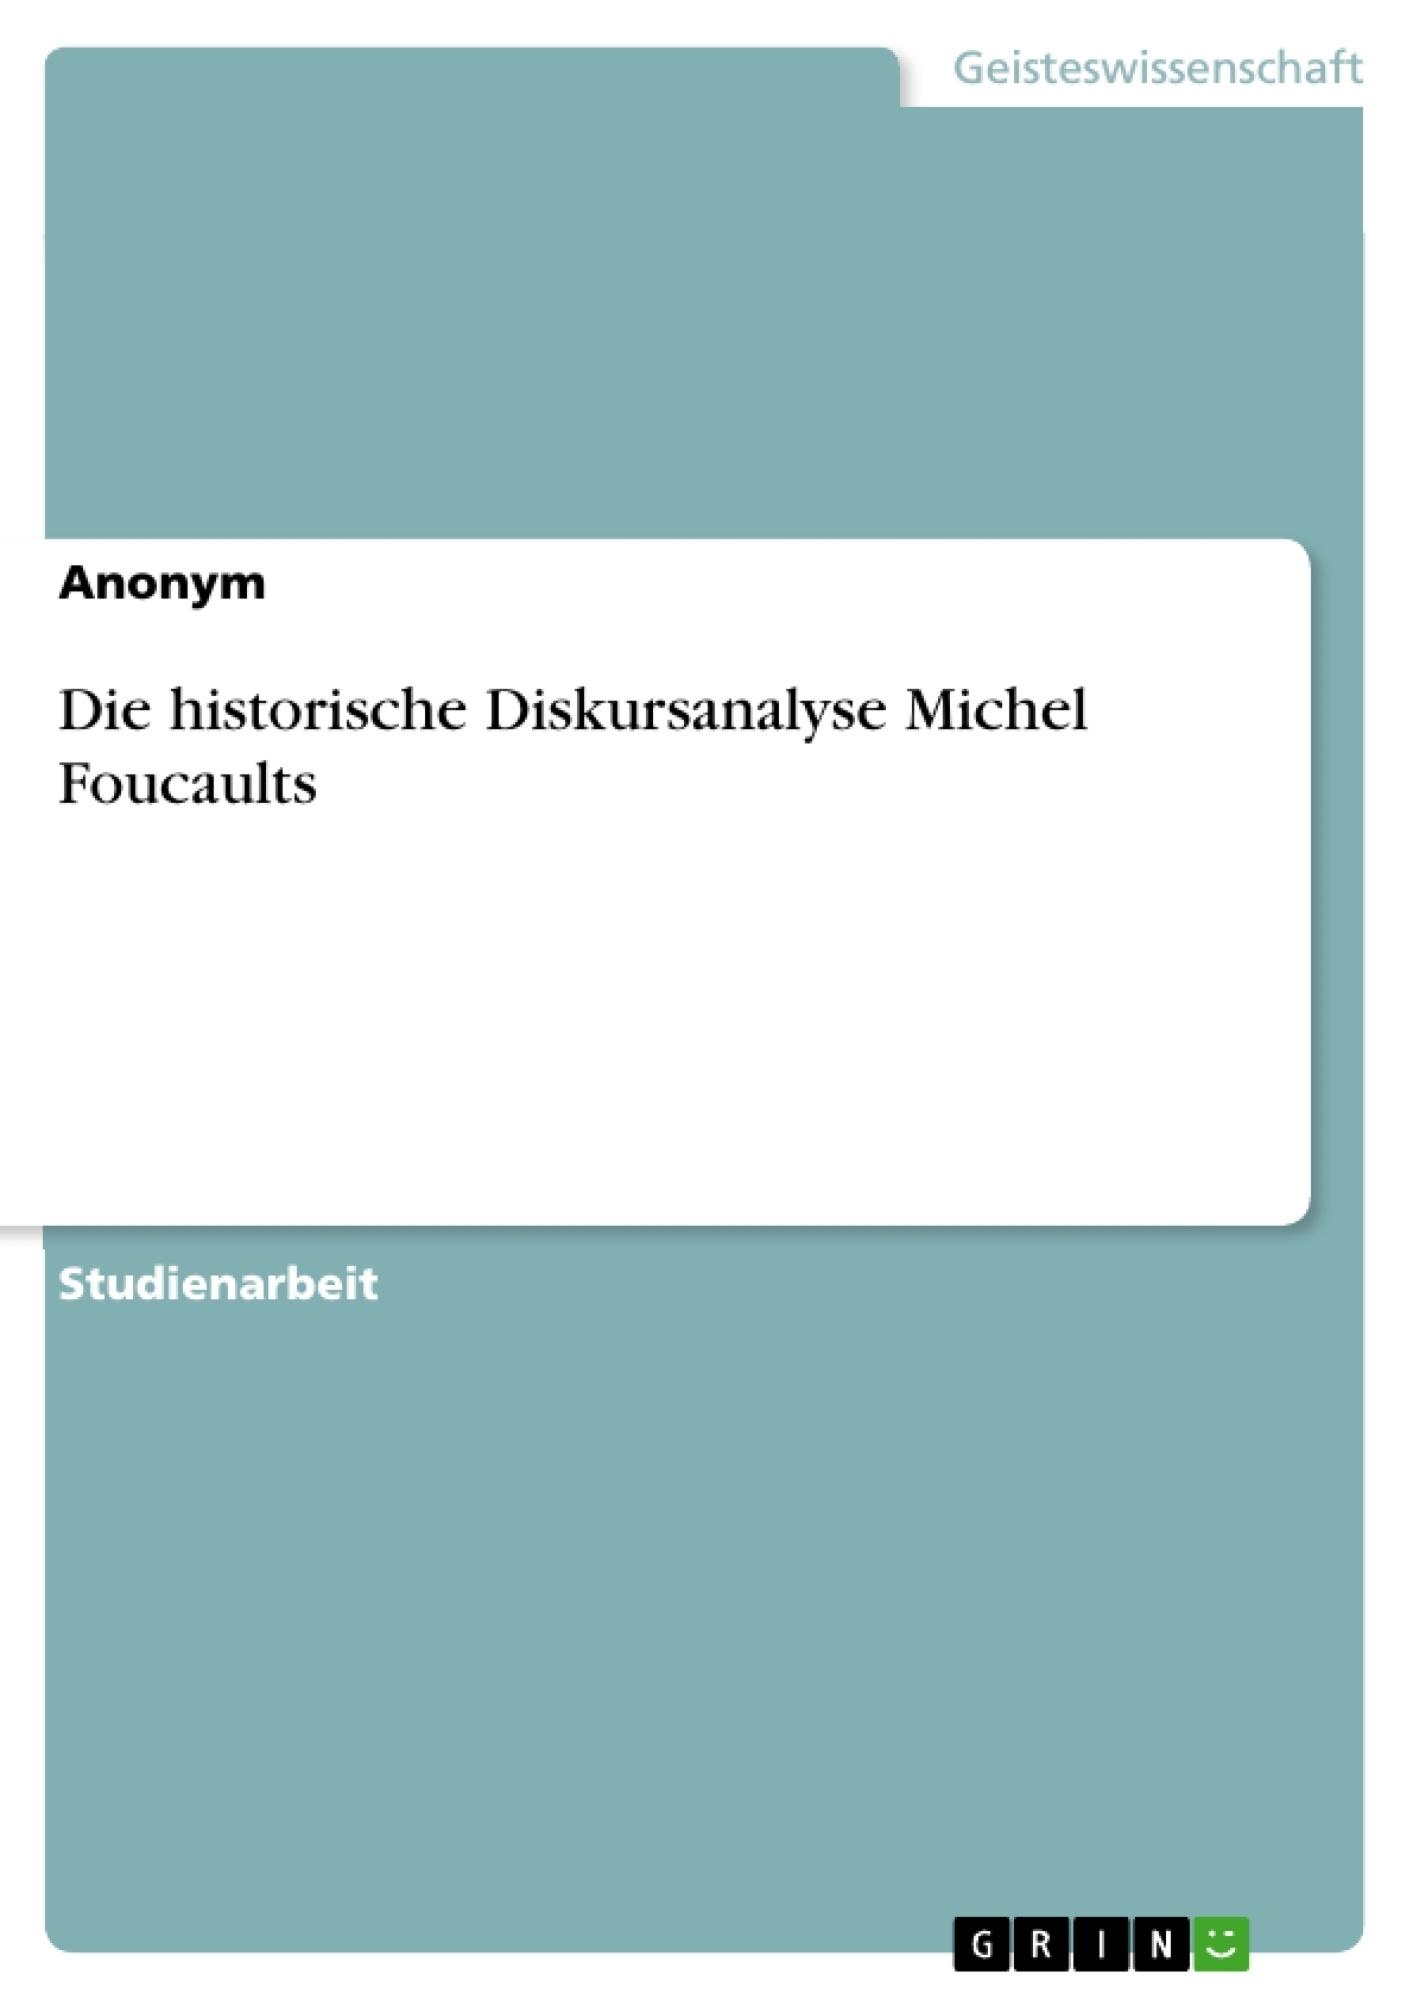 Titel: Die historische Diskursanalyse Michel Foucaults